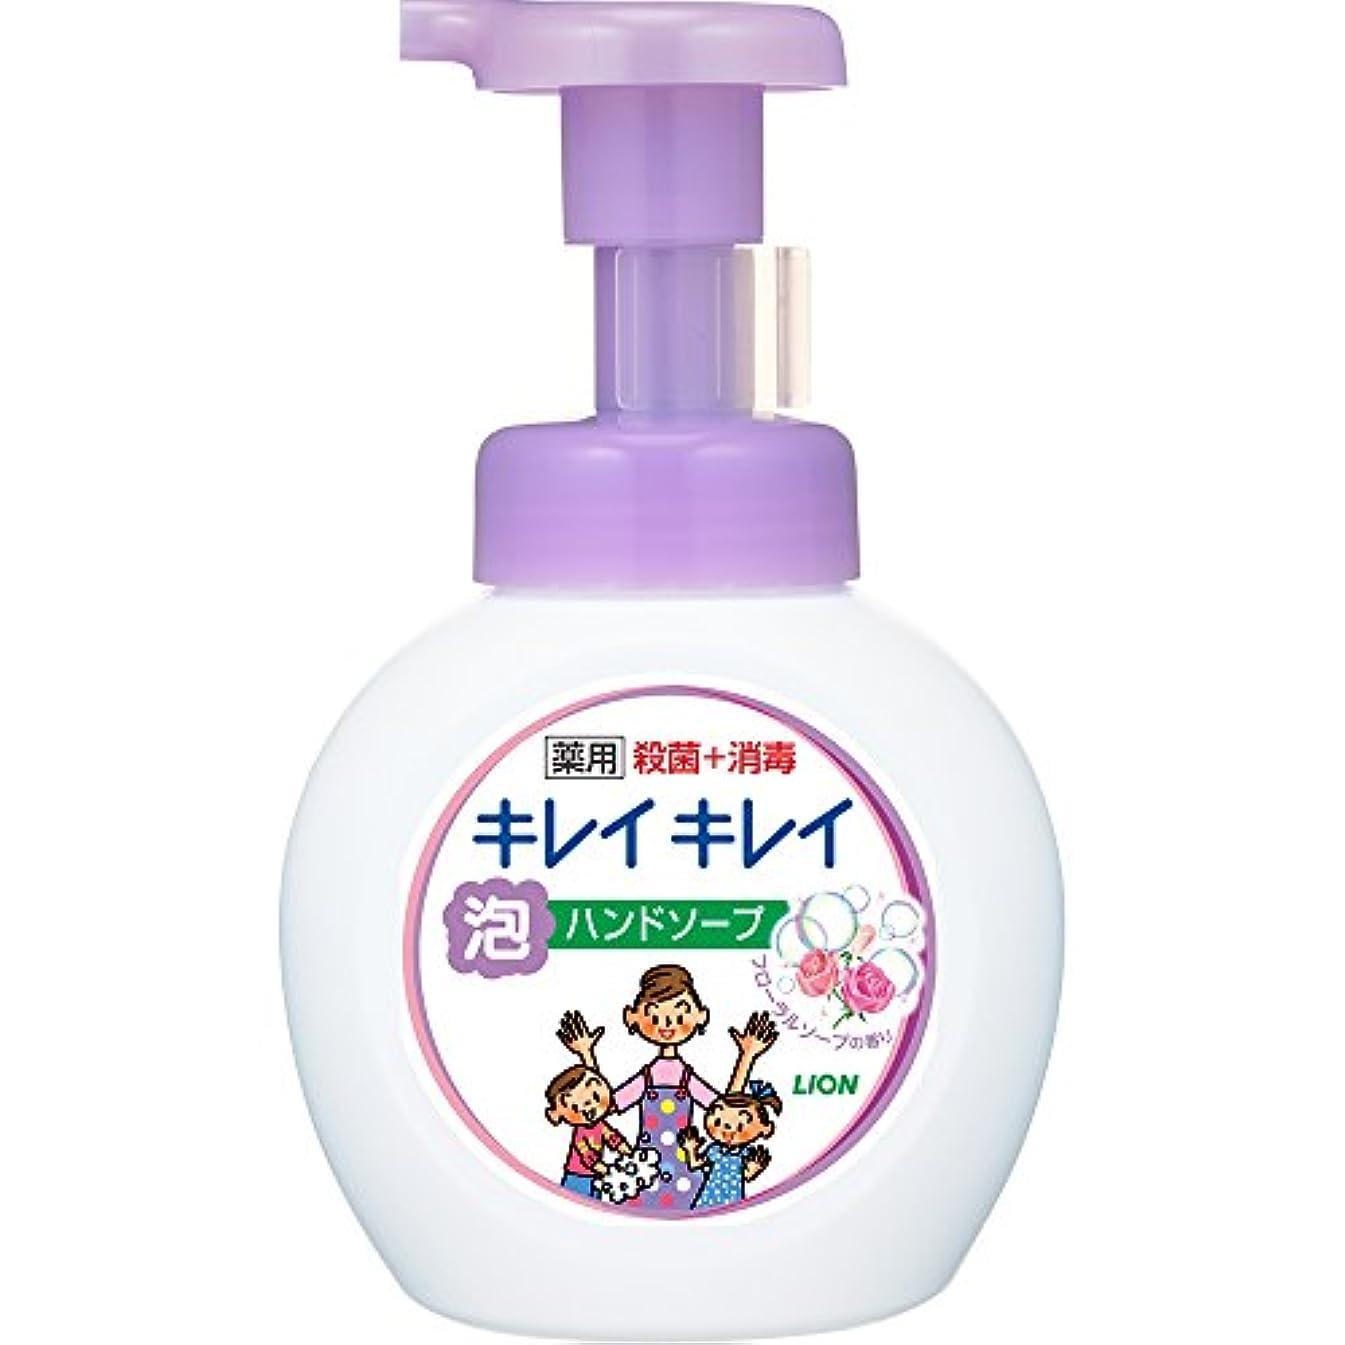 目の前の染色自体キレイキレイ 薬用 泡ハンドソープ フローラルソープの香り 本体ポンプ 250ml(医薬部外品)